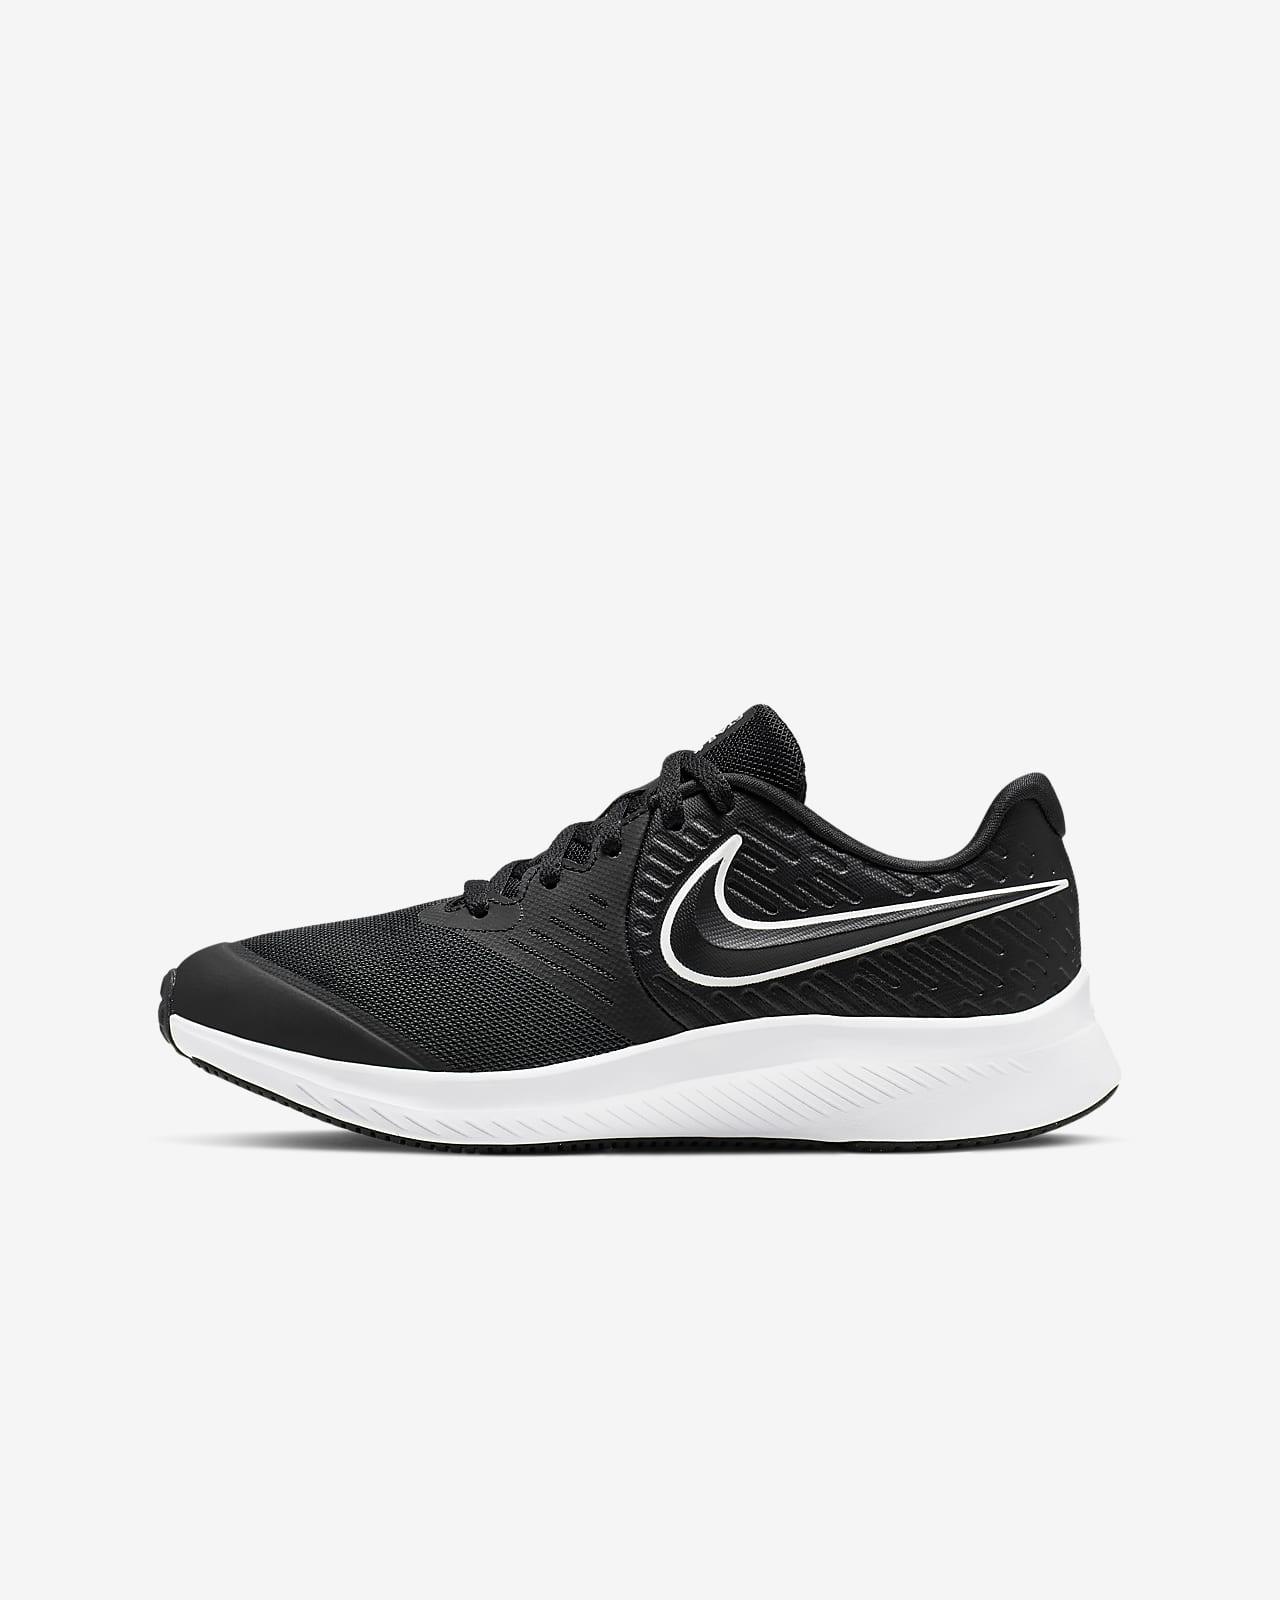 Běžecká bota Nike Star Runner 2 pro větší děti